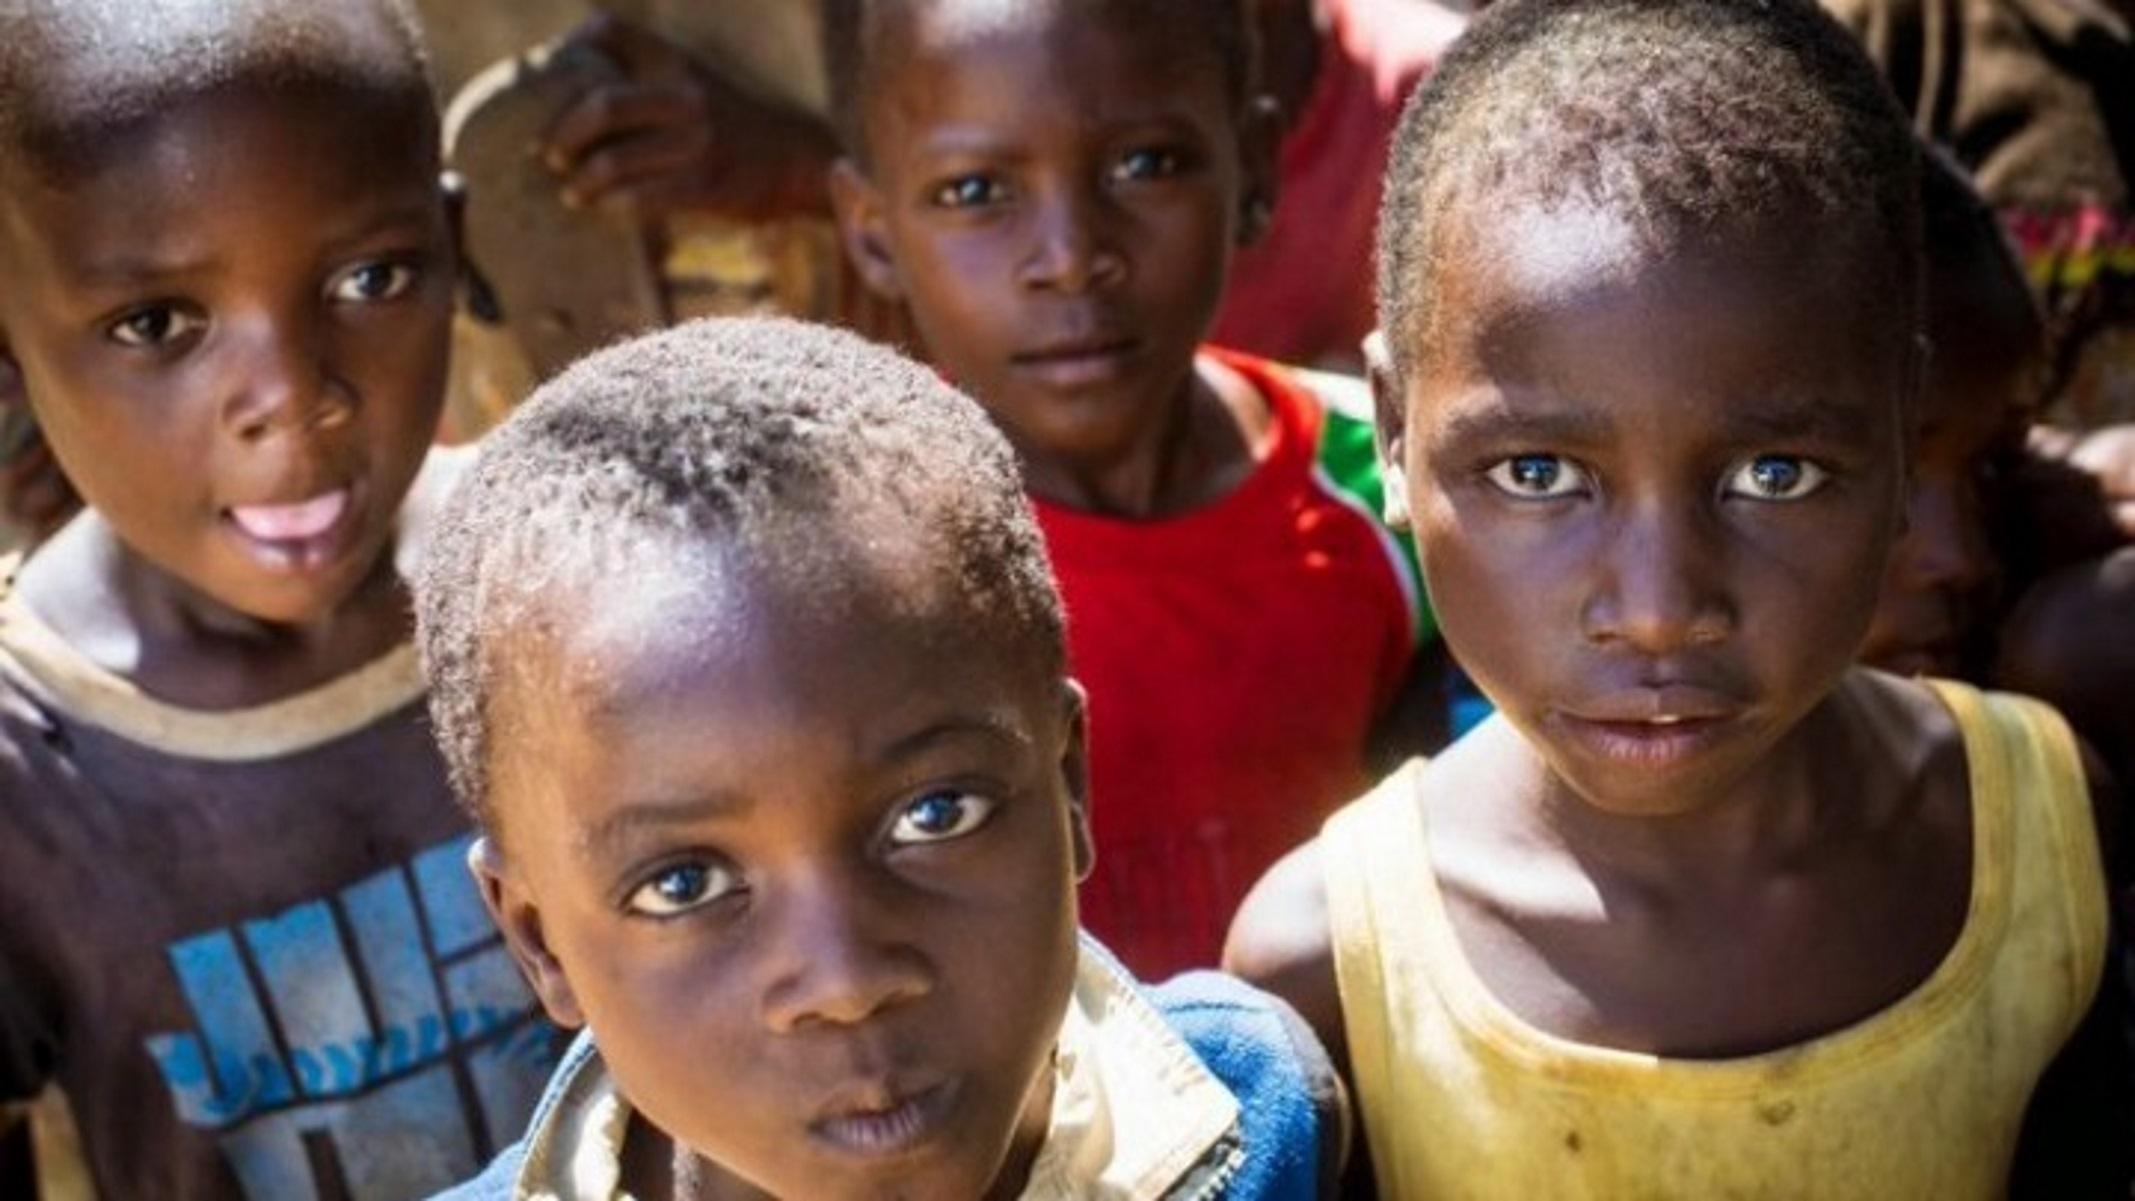 Μηνιγγίτιδα: Ο Παγκόσμιος Οργανισμός Υγείας θέλει να εξαλείψει τη νόσο έως το 2030